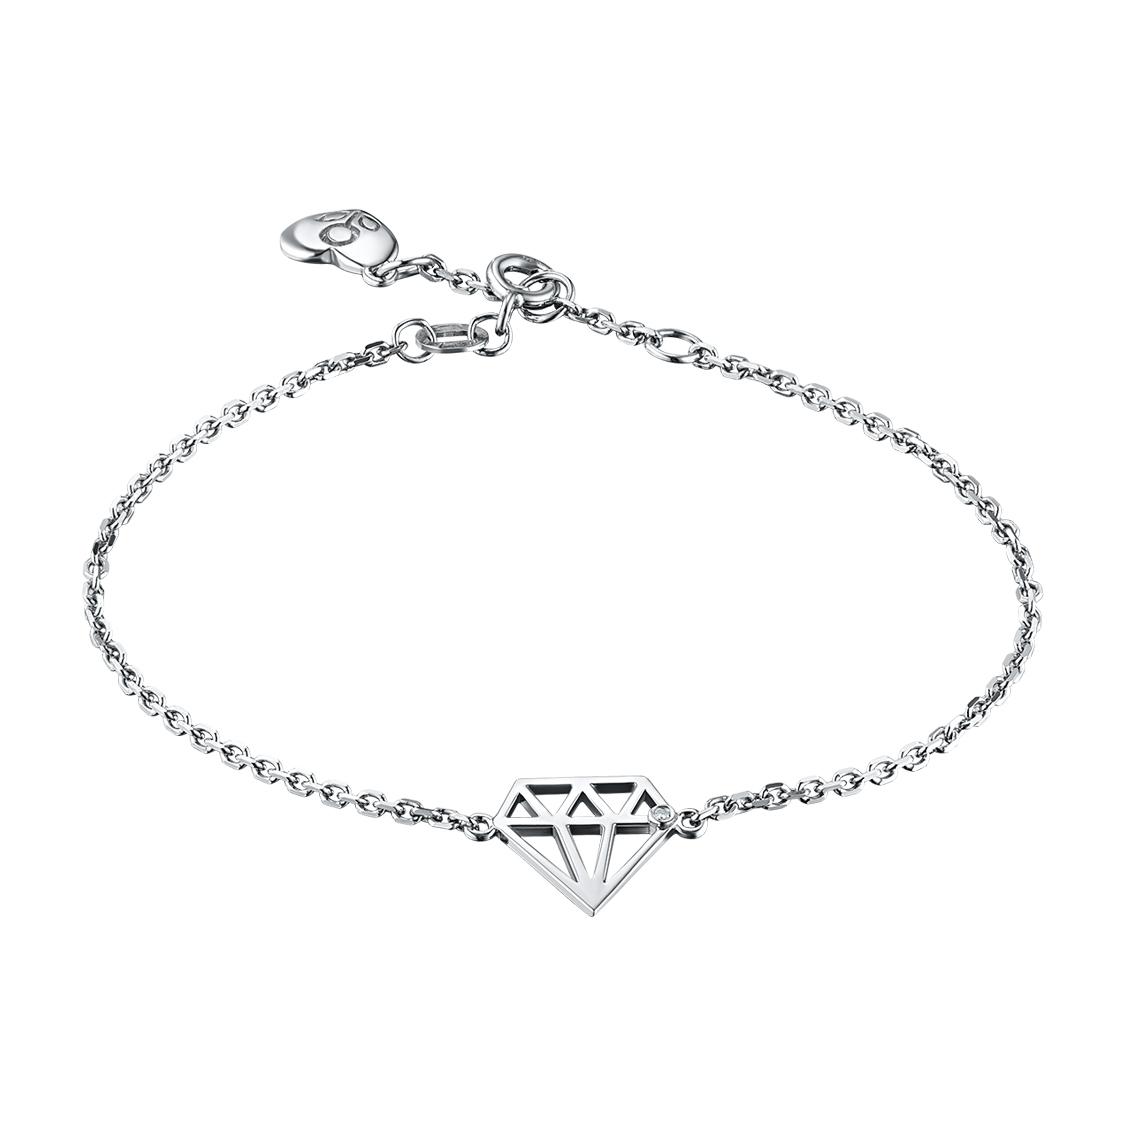 Браслет из серебра с бриллиантом э06бр071721